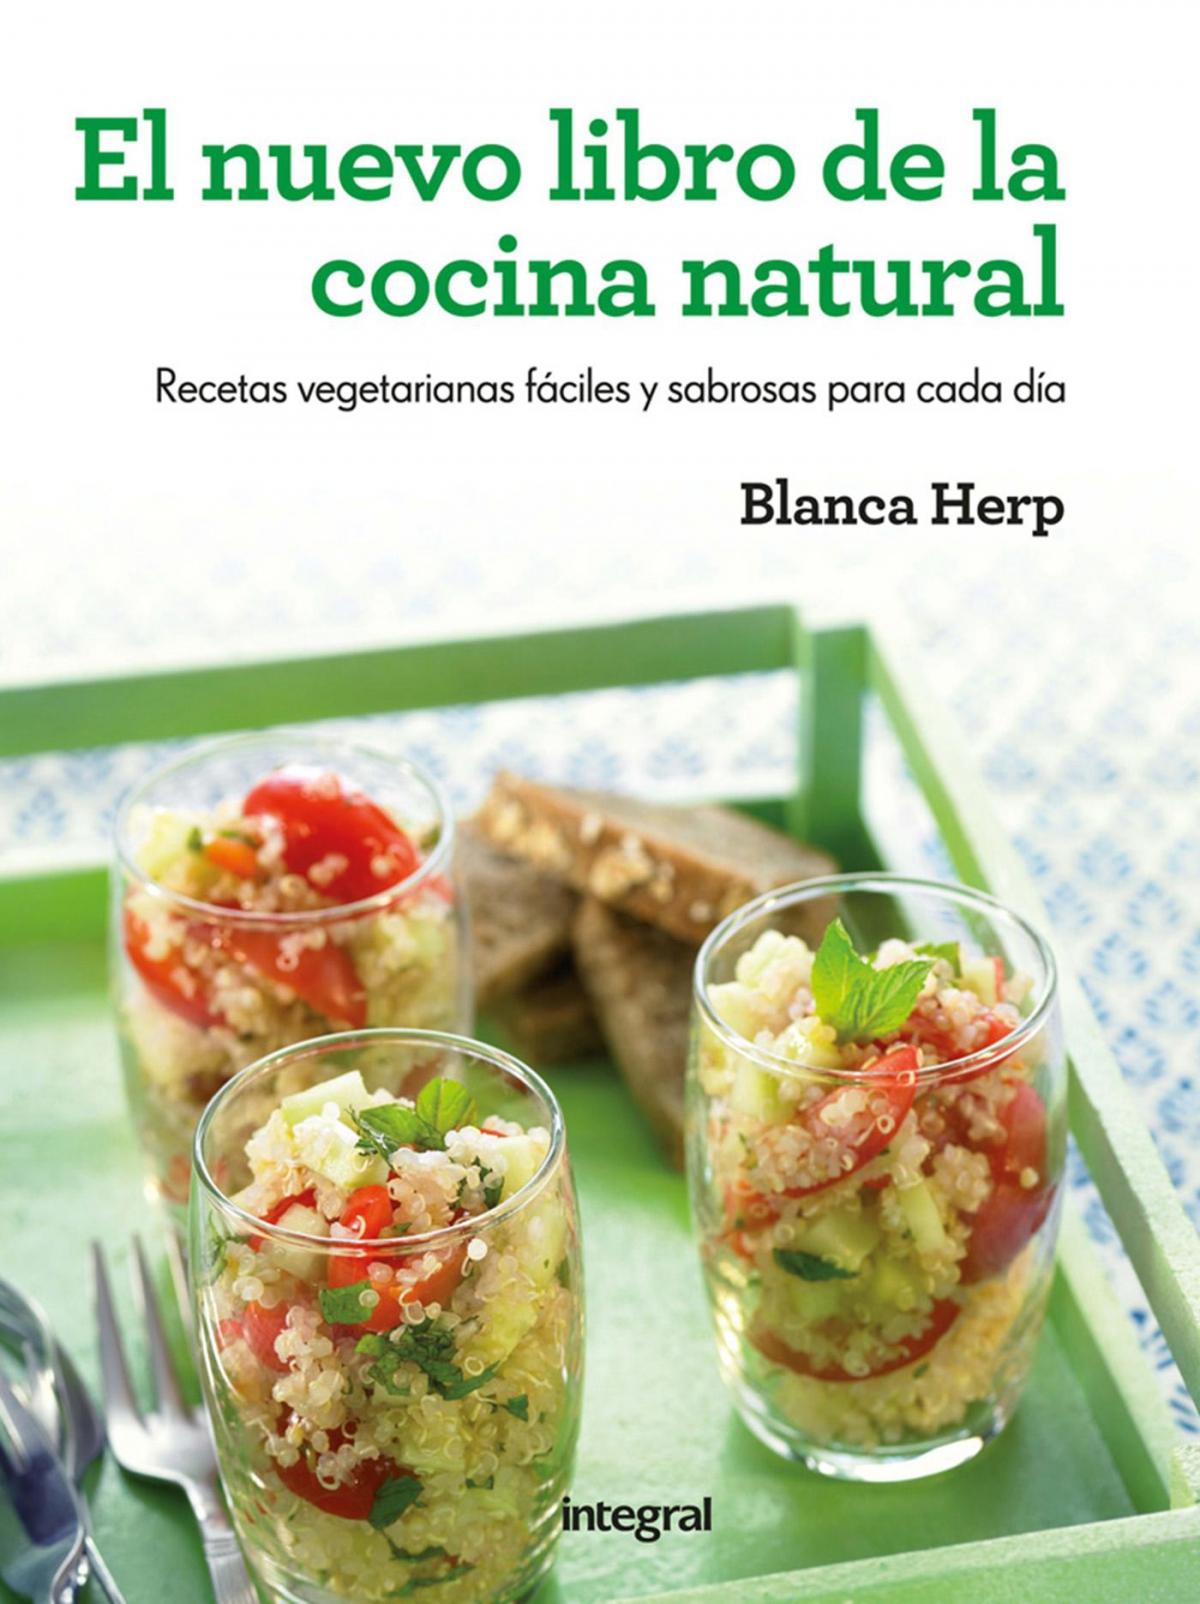 El Nuevo Libro De La Cocina Natural Recetas Vegetarianas Faciles Y - Recetas-vegetarianas-faciles